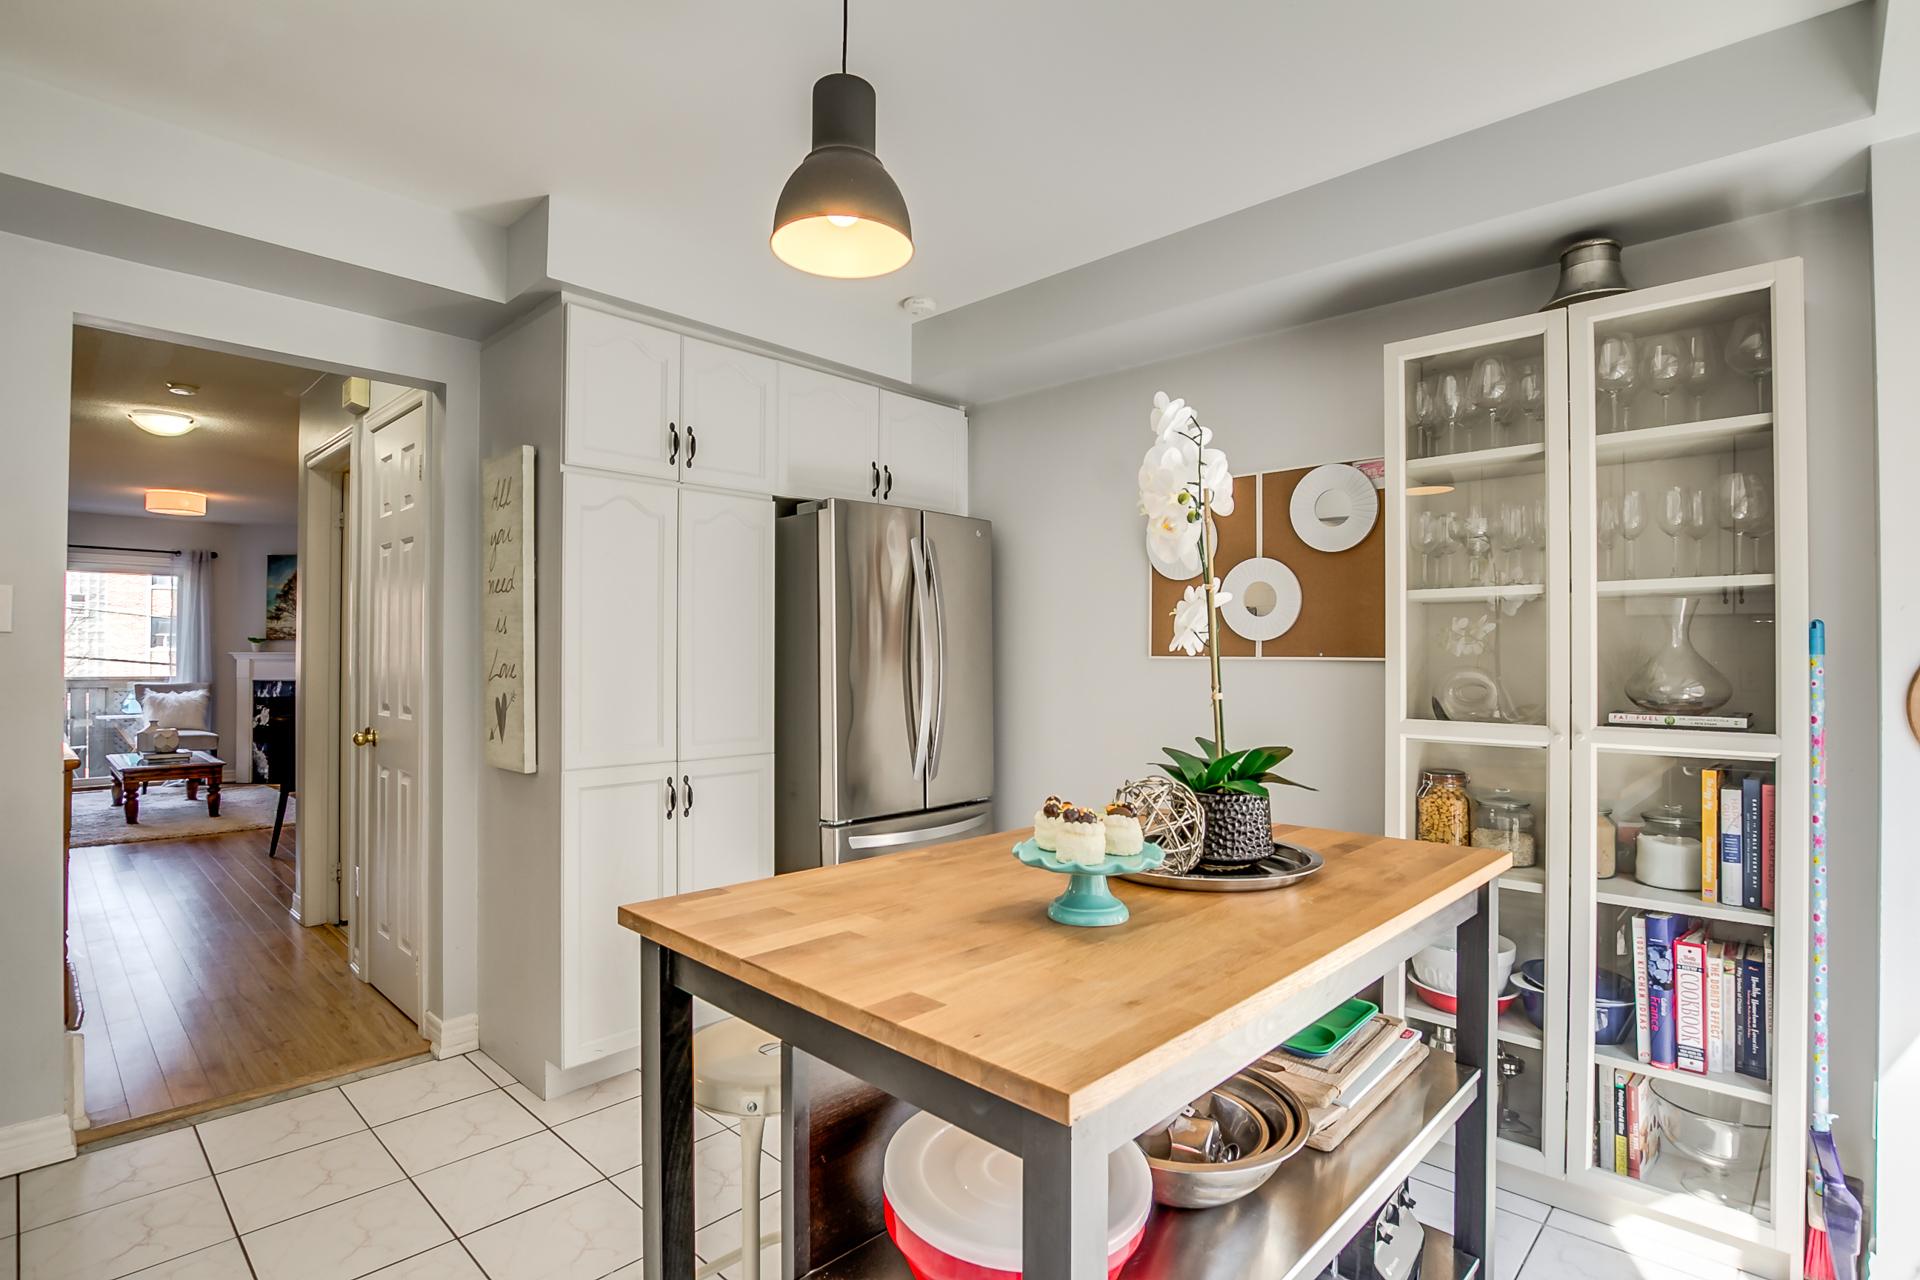 16_kitchen3.jpg